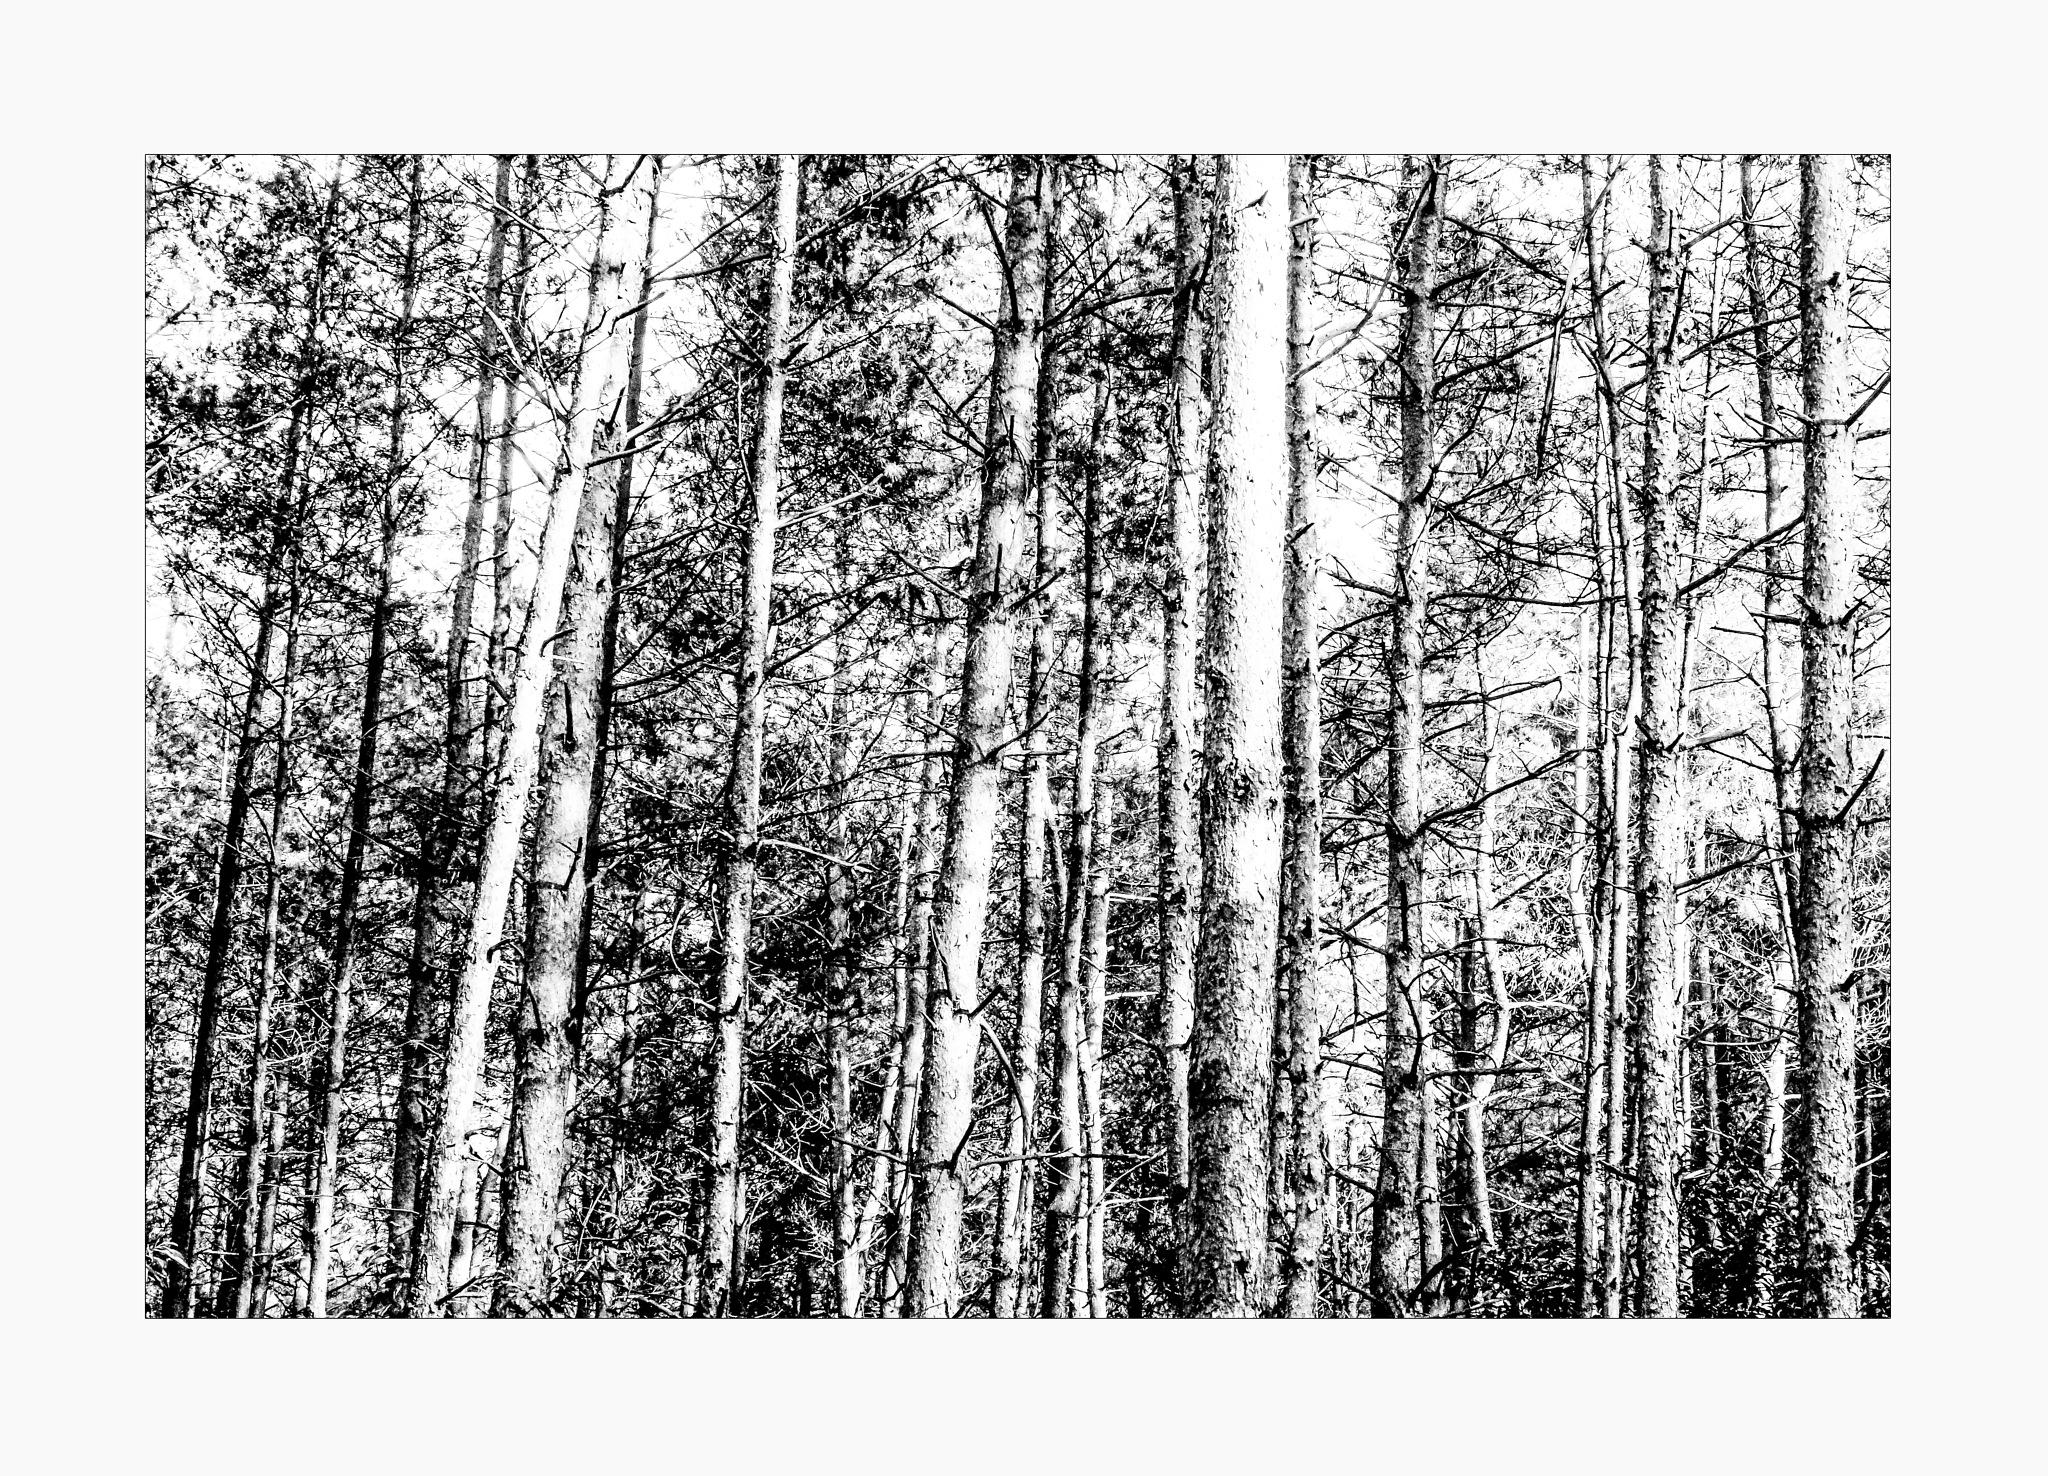 trees in monochrome by ad.kesteloo